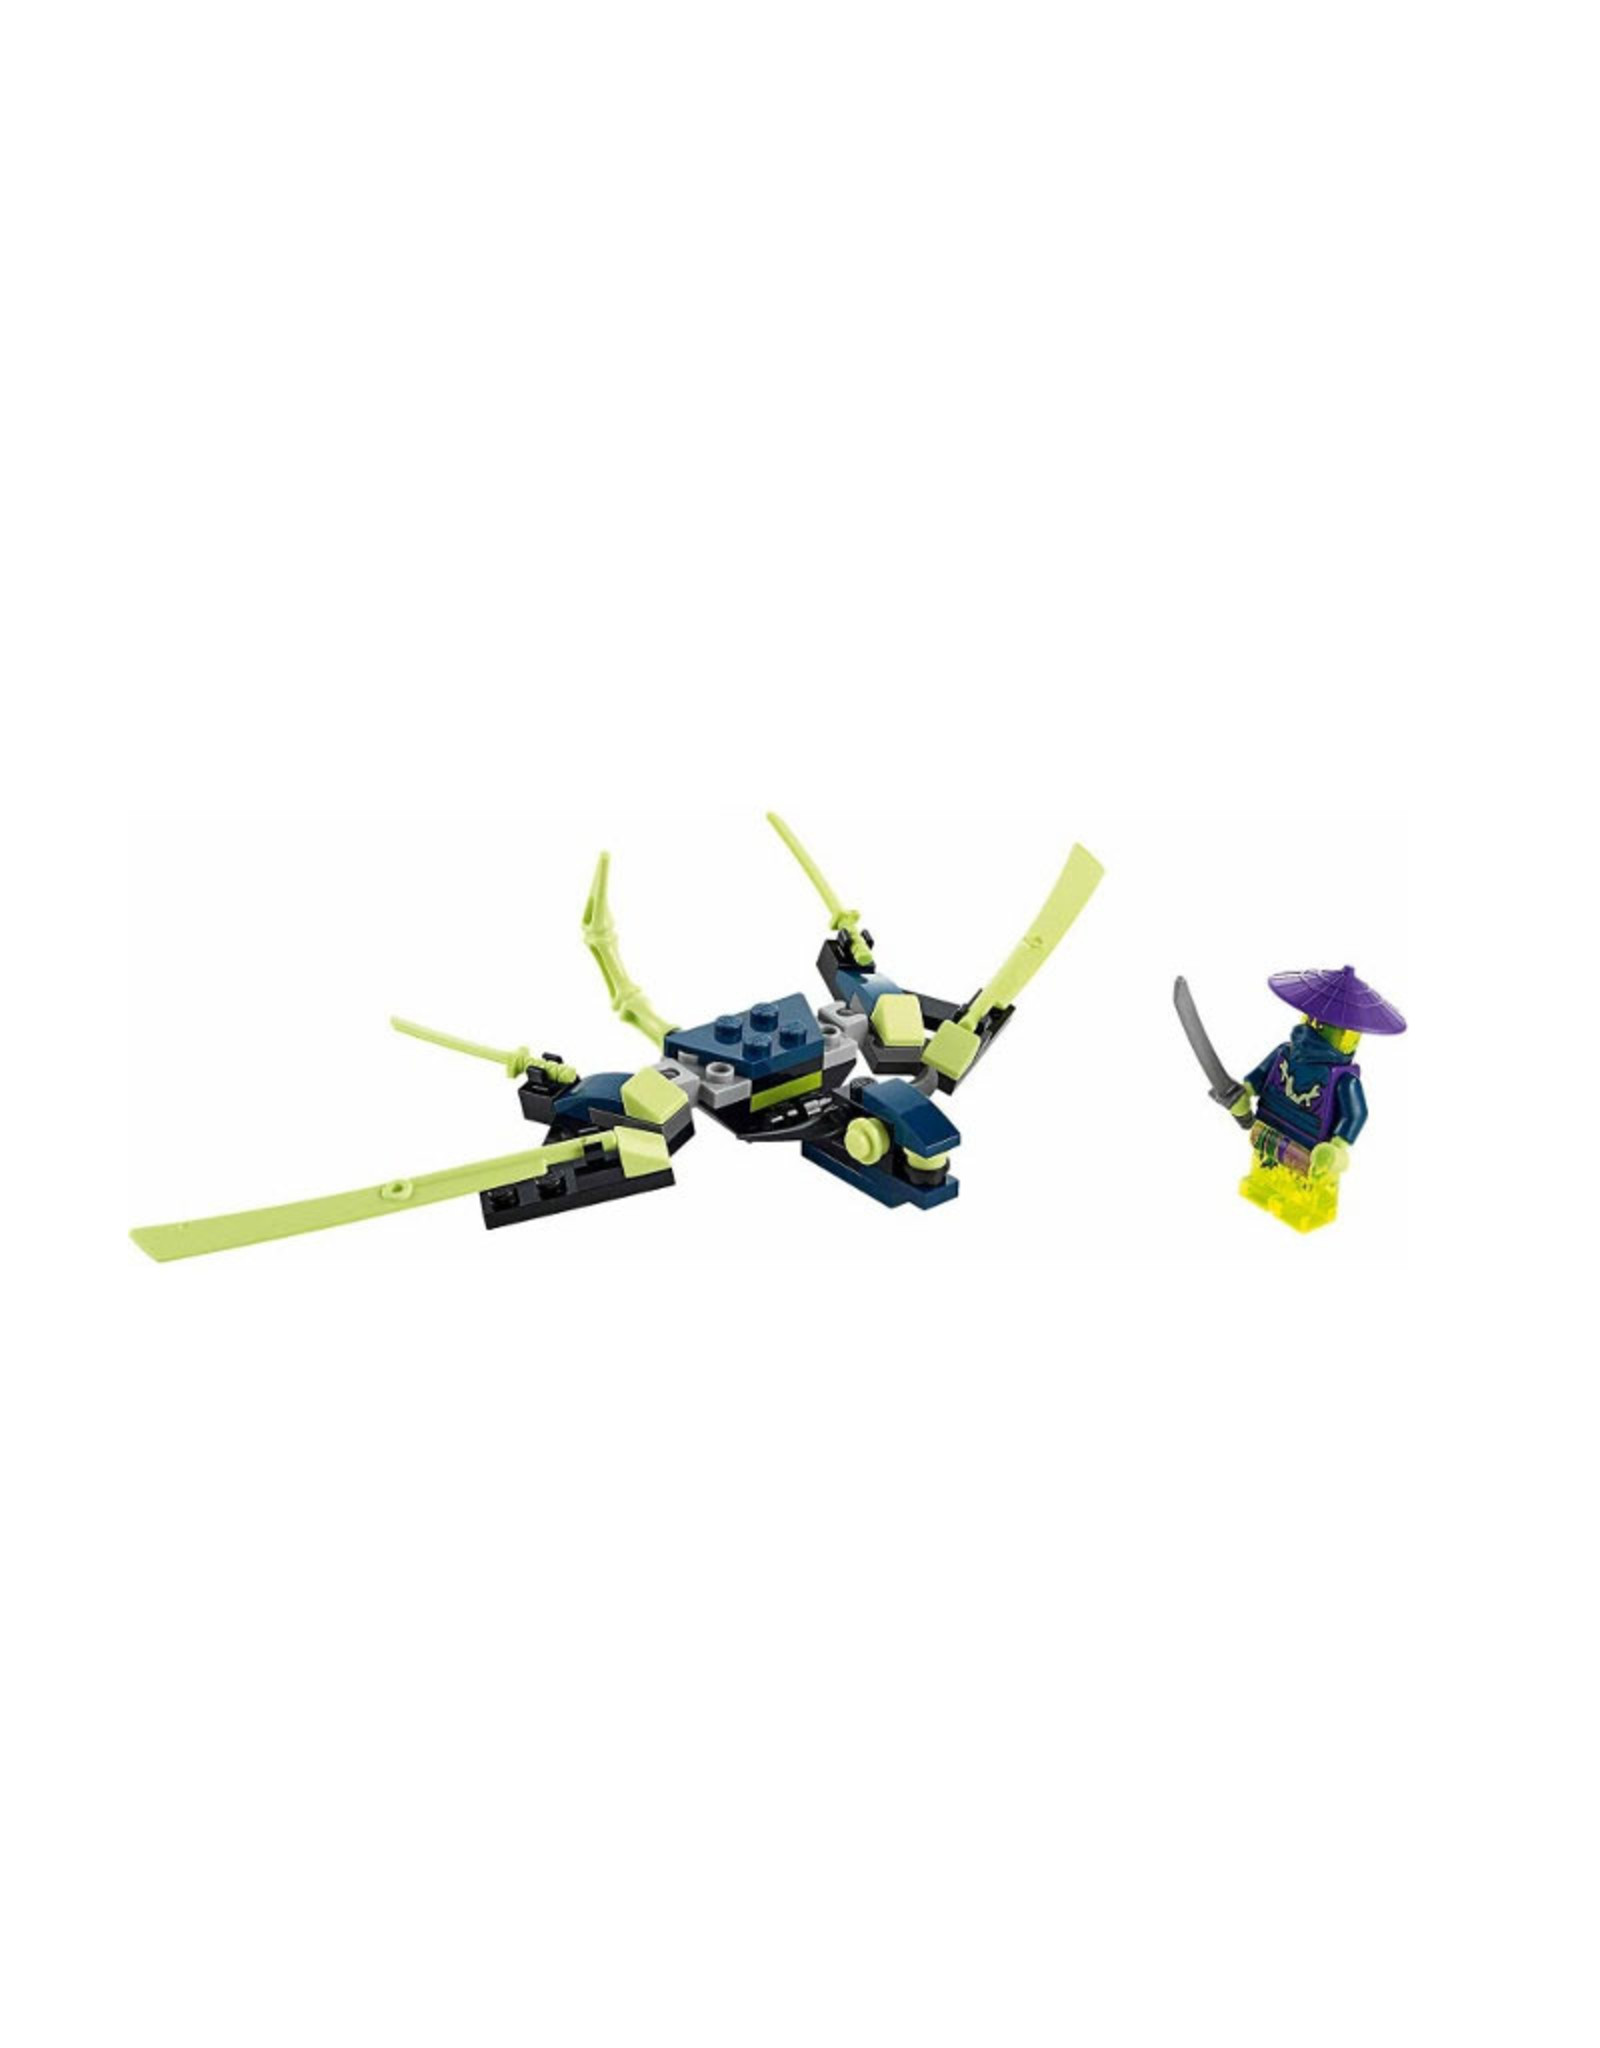 LEGO LEGO 30294 The Cowler Dragon NINJAGO